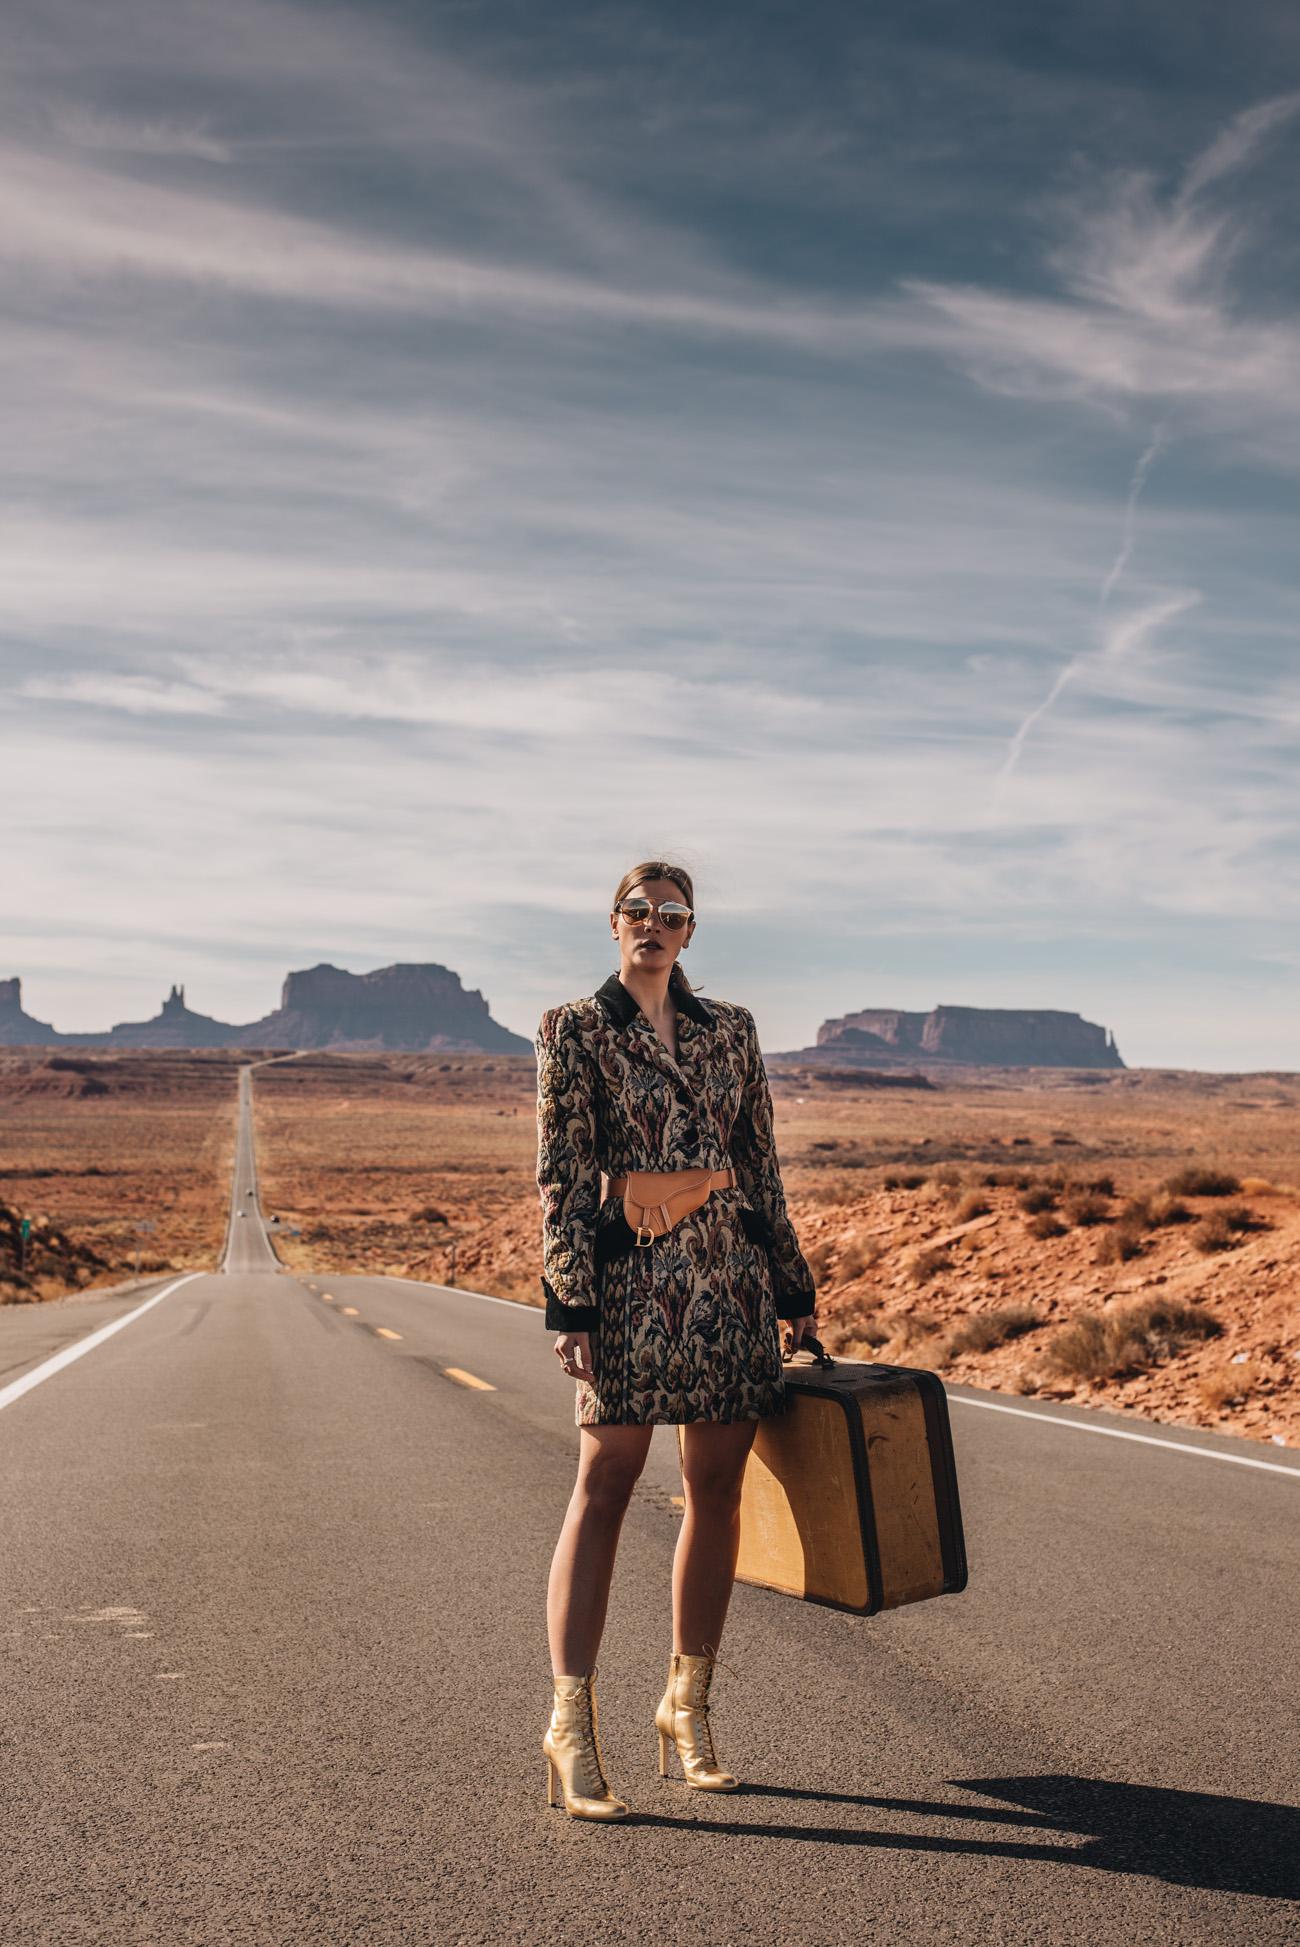 Fashion-editorial-shooting-Mode-Fotoshooting-wüste-highway-monument-valley-kalifornien-outdoor-luxus-fashiioncarpet-nina-schwichtenberg